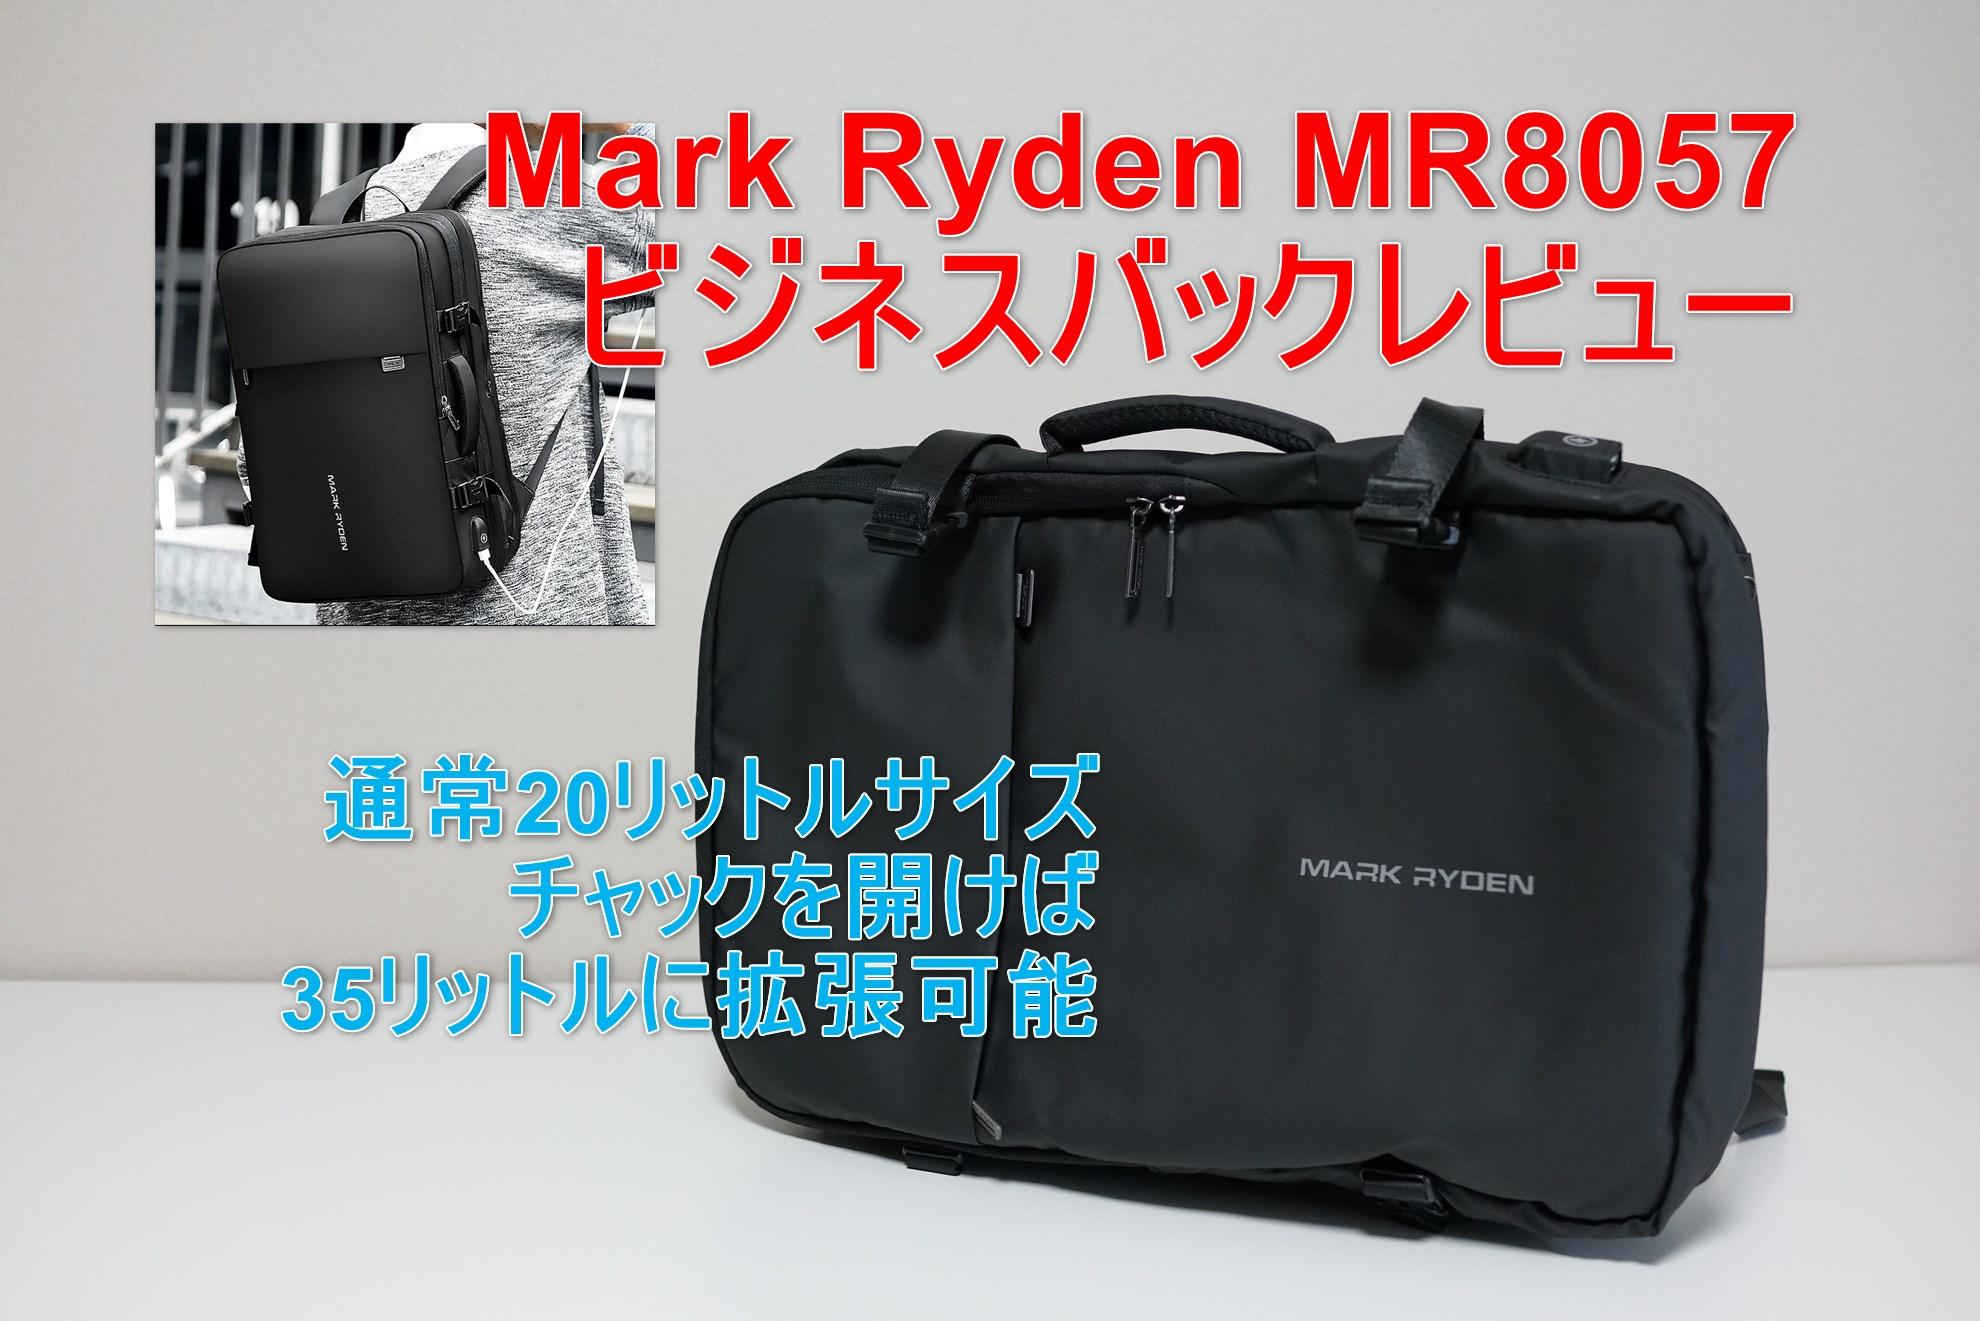 パソコン収納ポケット付き・20L~35Lまで拡張可能で1泊出張用におすすめのリュック Mark Ryden MR8057 レビュー!